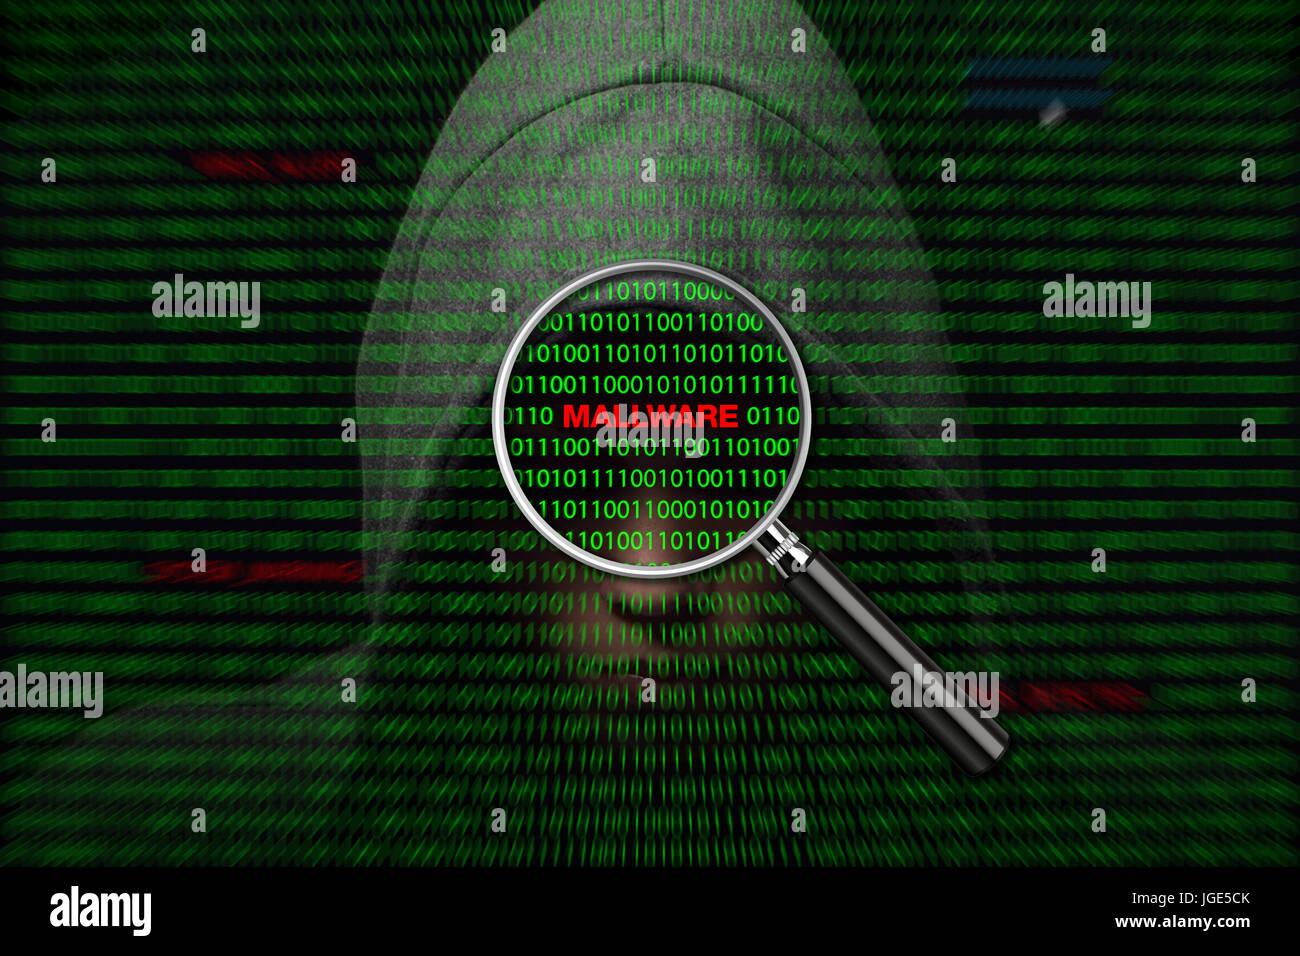 Hacker su una schermata con il codice binario e mallware messaggi di avvertimento Immagini Stock